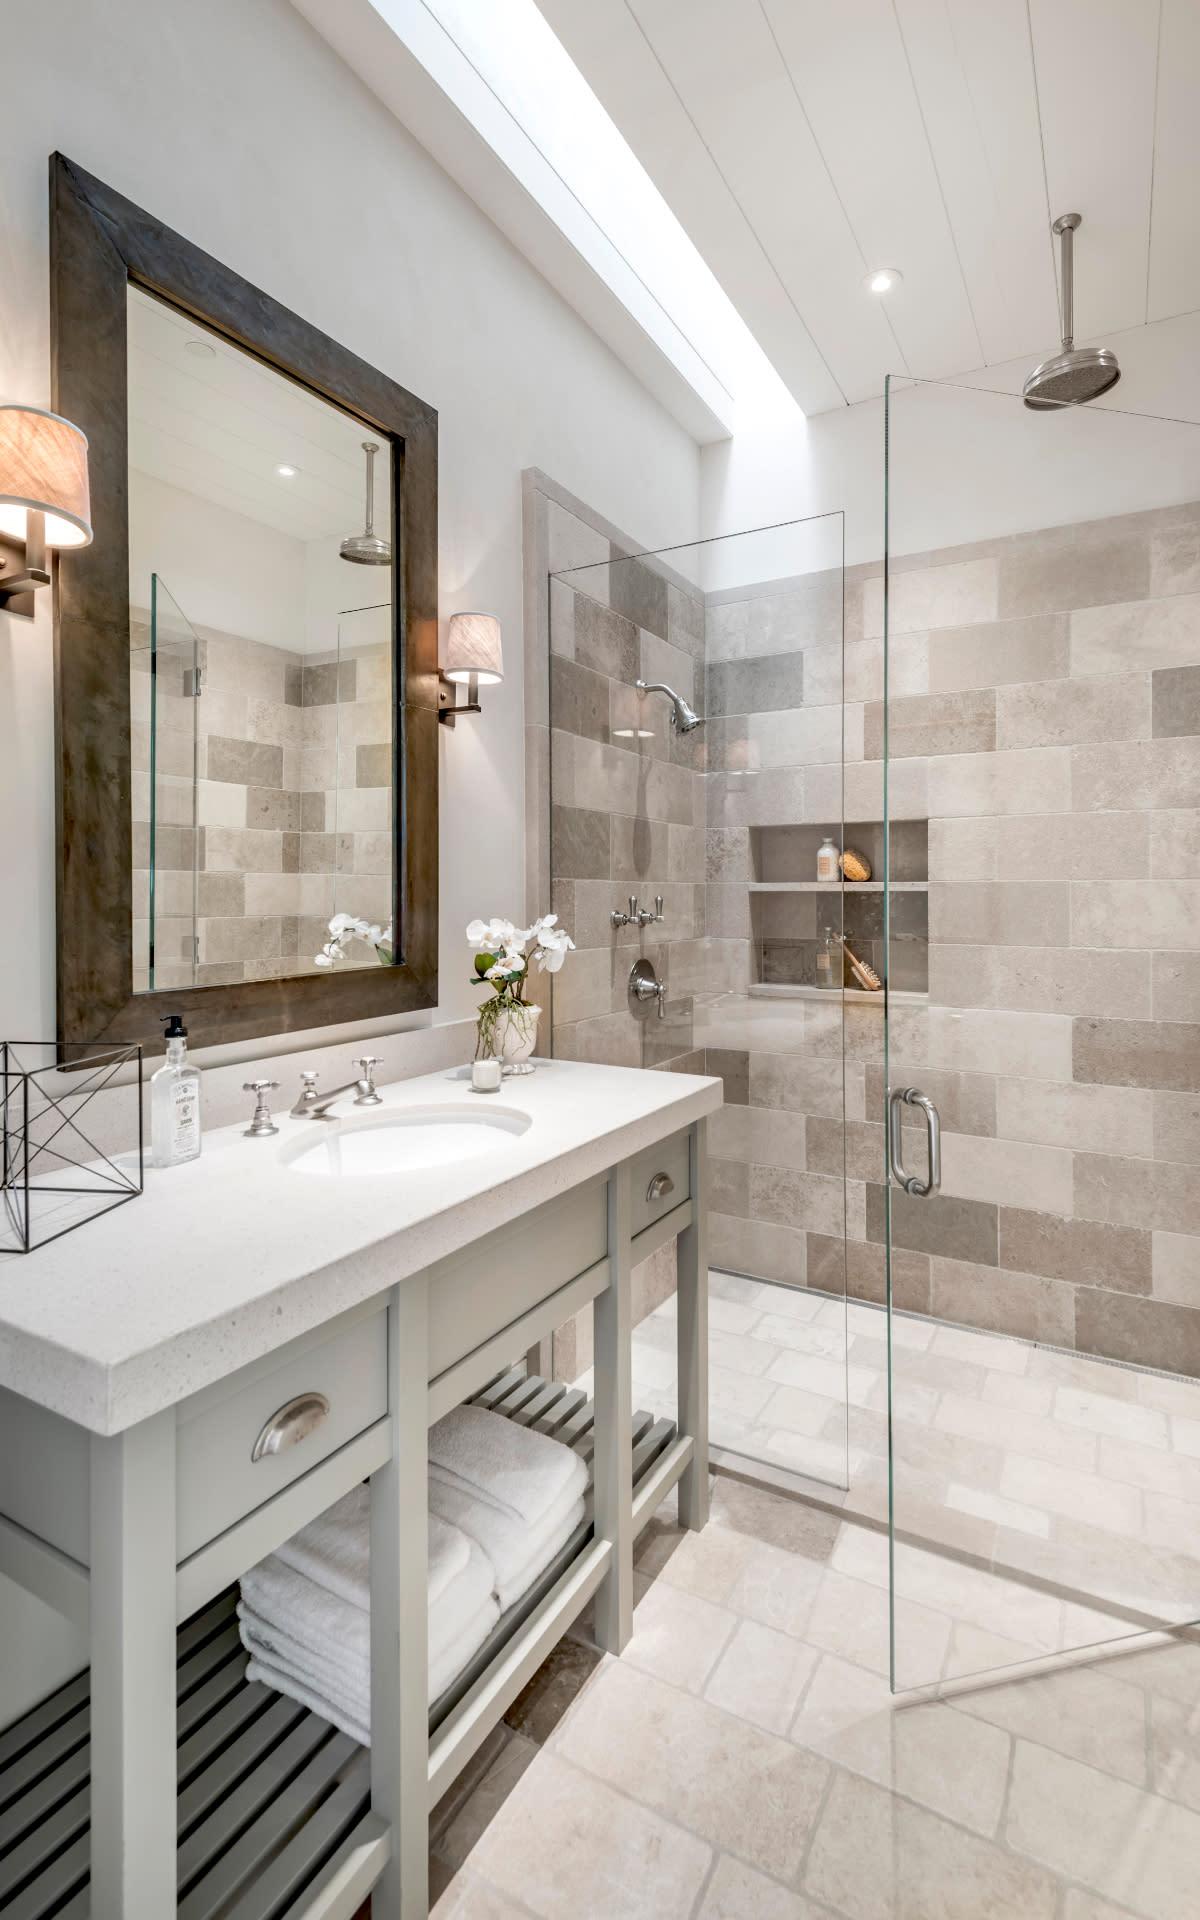 Sold | Yountville Modern Estate